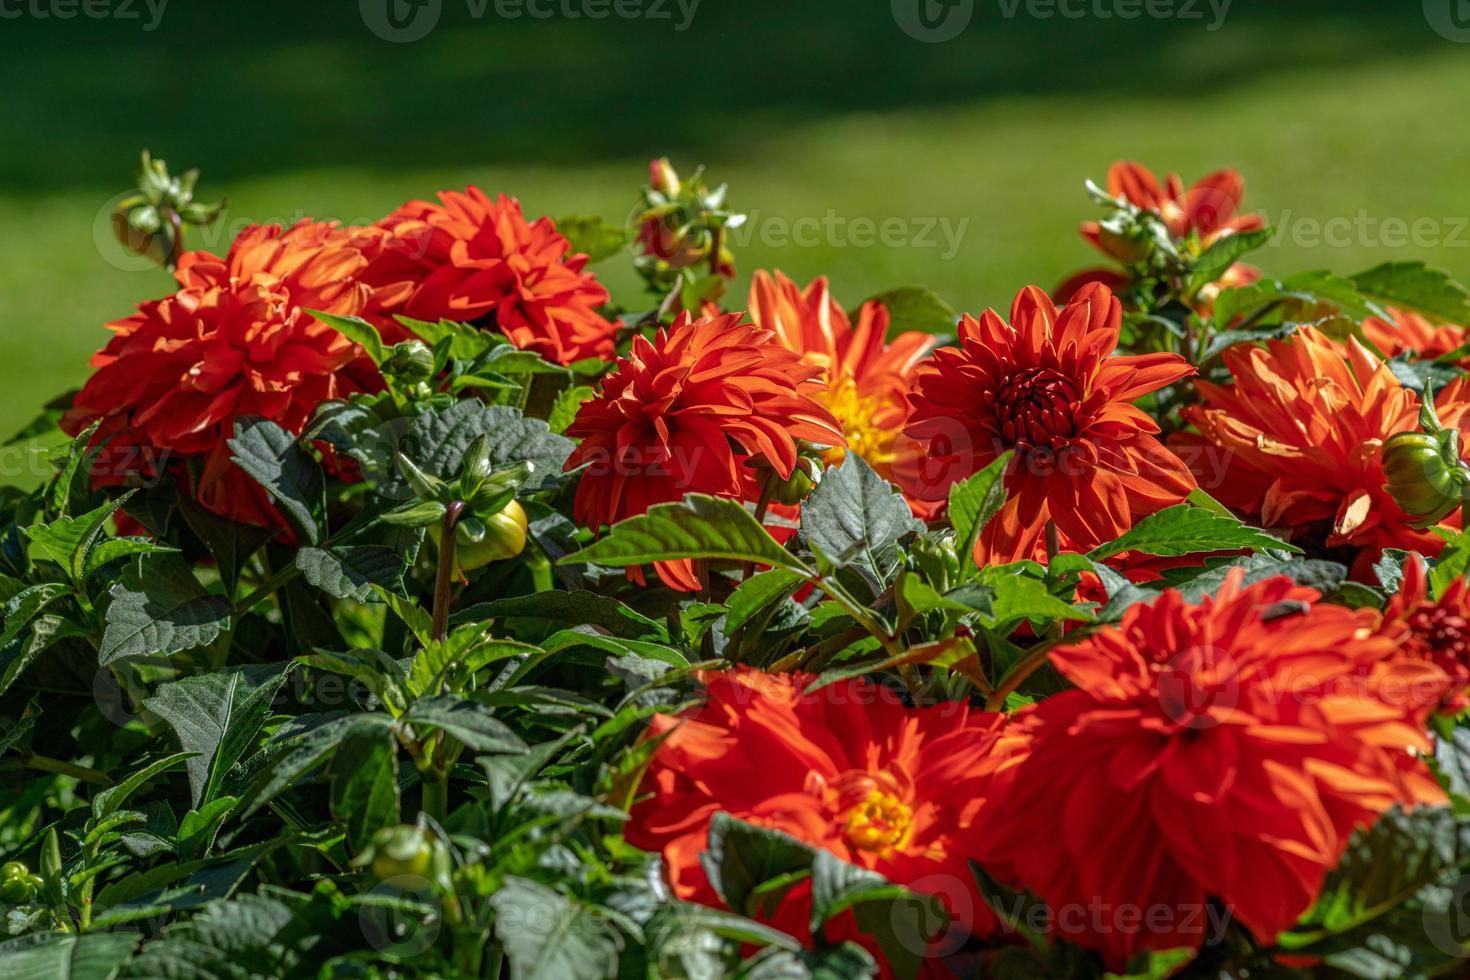 grappolo di fiori freschi dalia rossi alla luce del sole foto